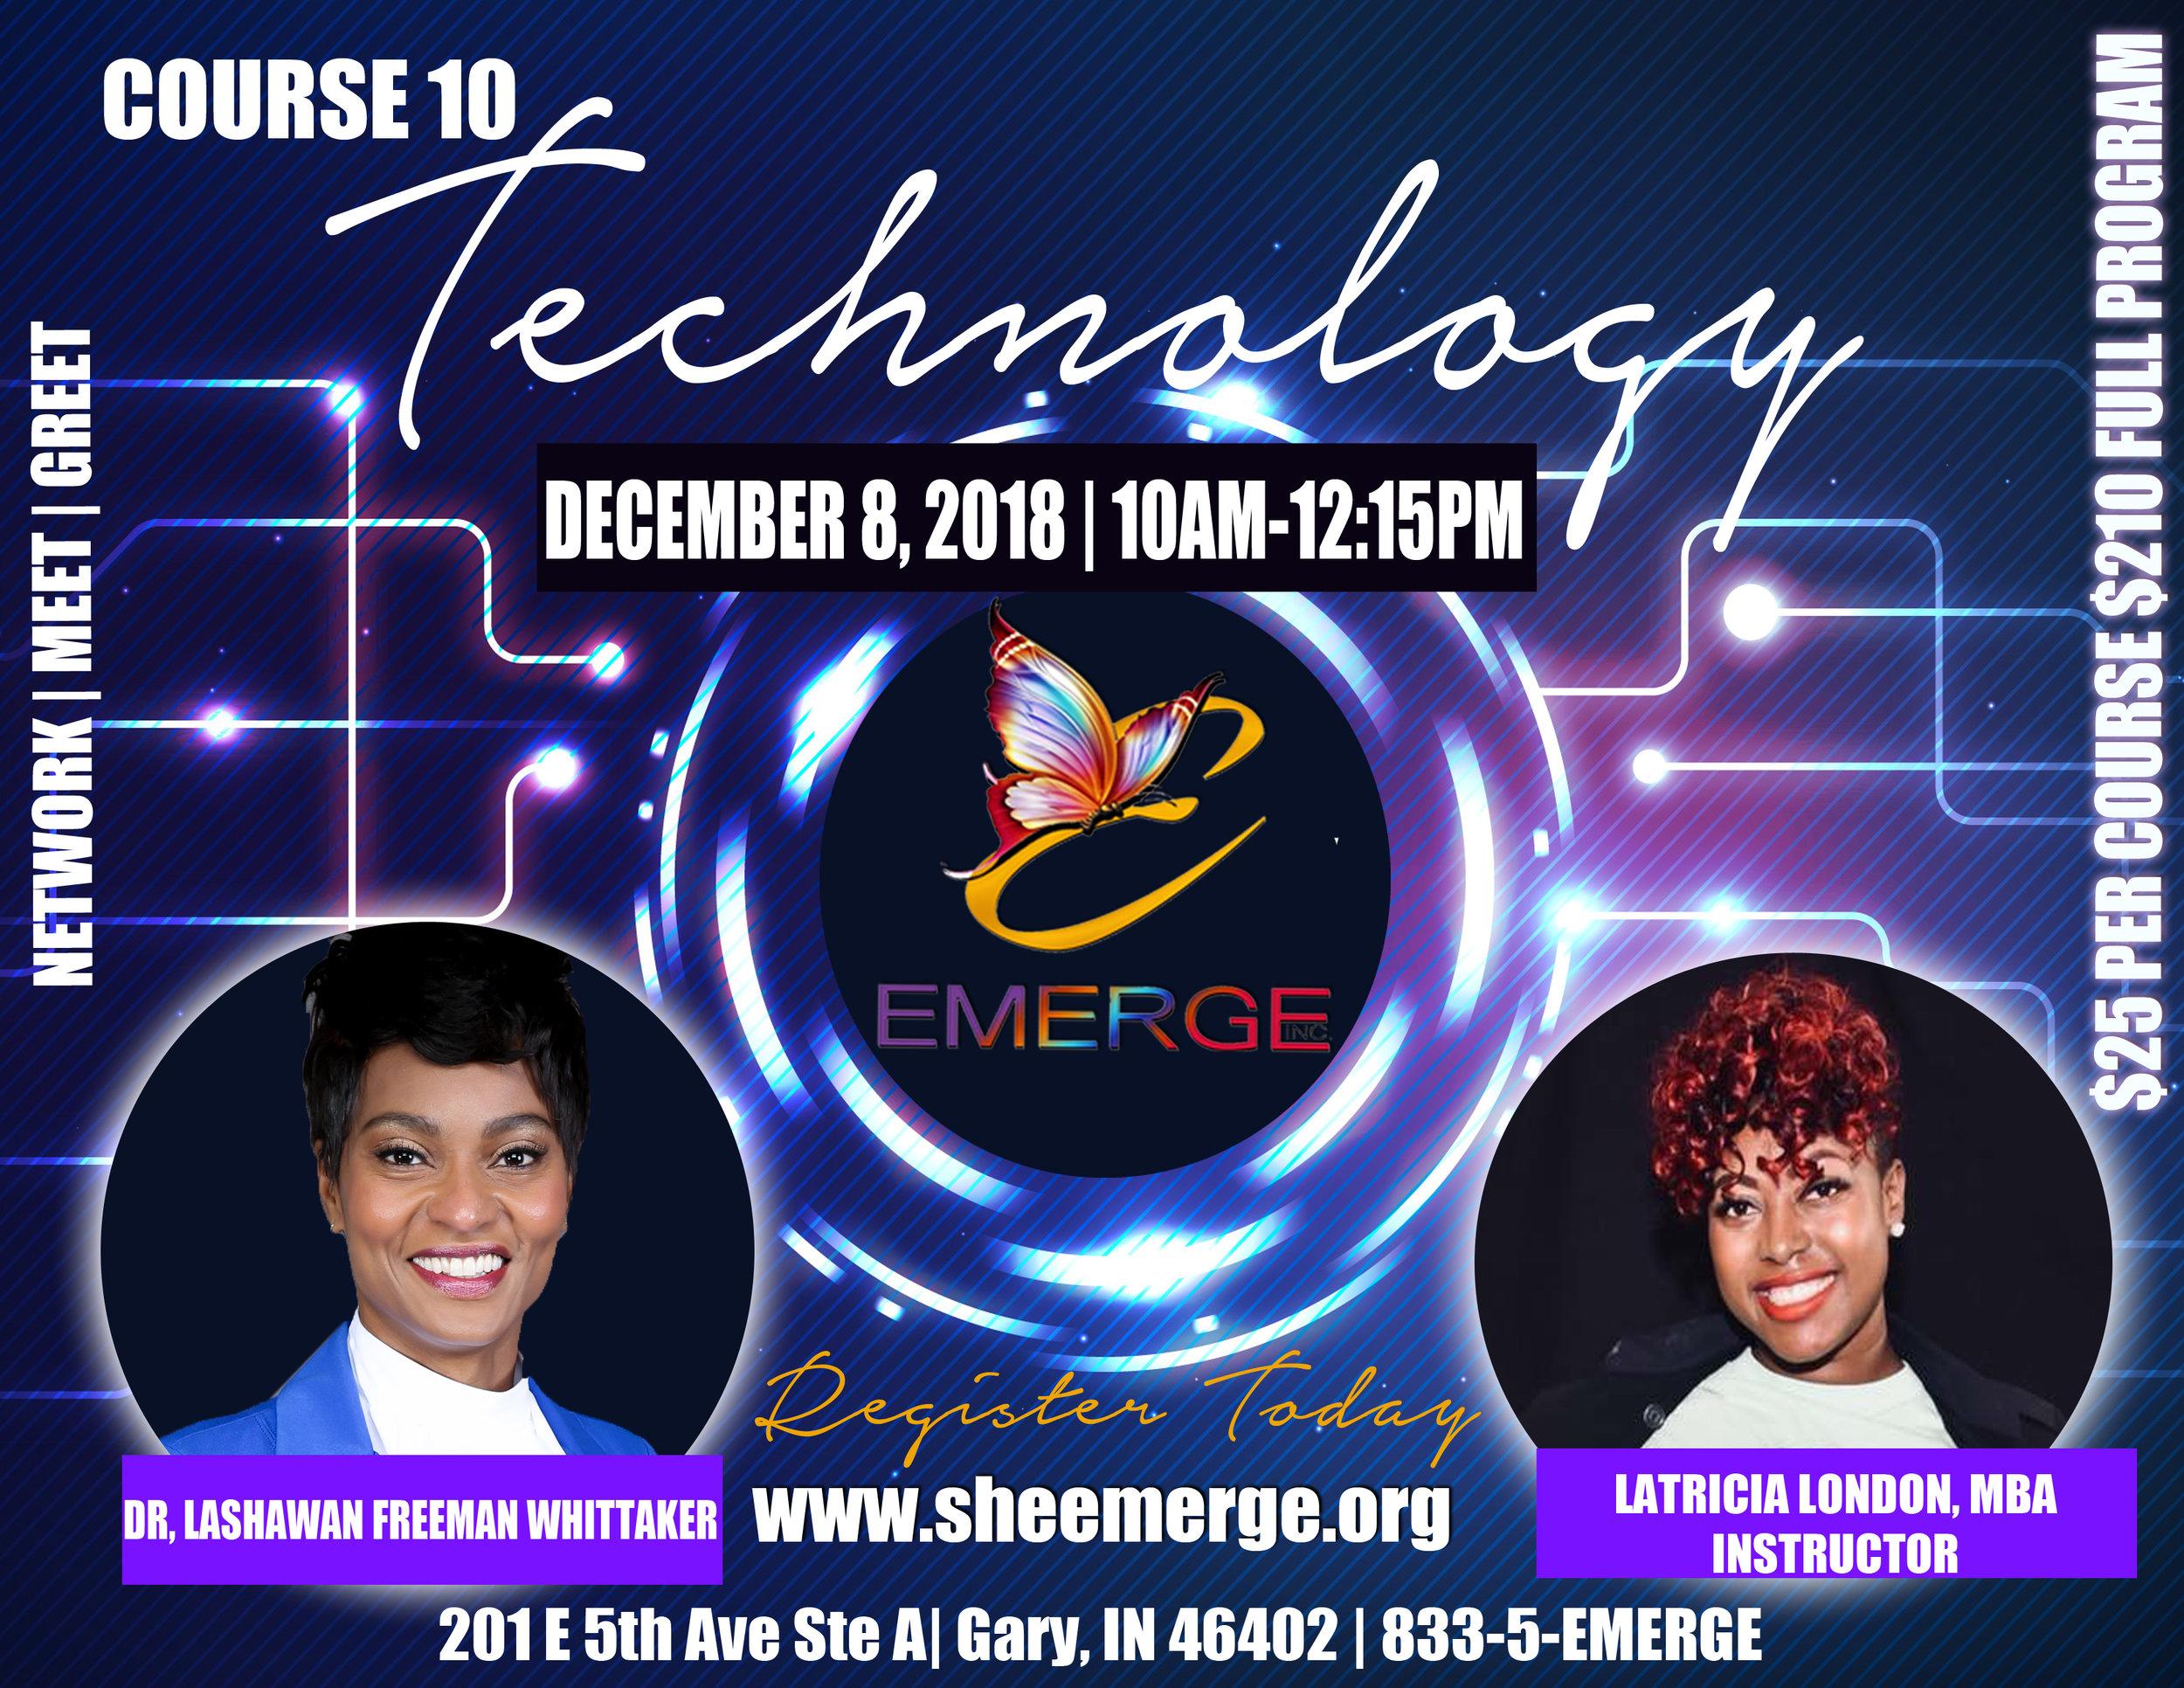 Course 10: Technology - Session Start Date: December 8, 2018Course Description: Hands on computerPresenter: Latricia LondonTime: 10:00am-12:15pmLocation: 201 E 5th Ave Ste D